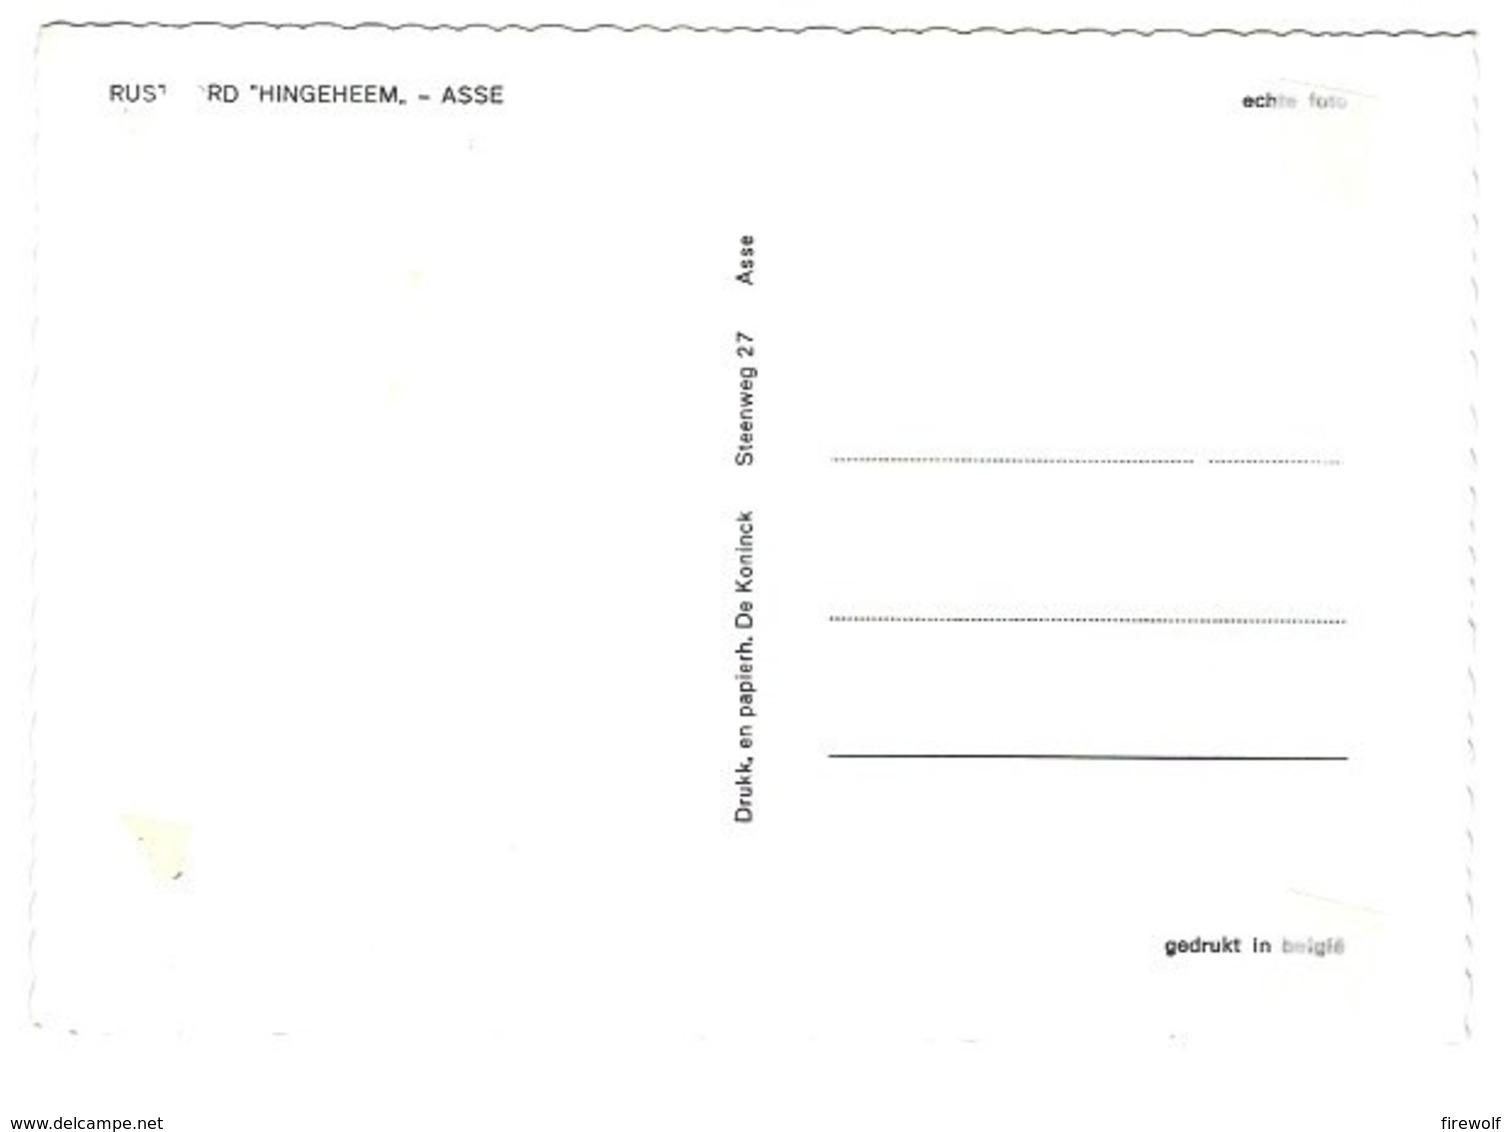 X06 - Asse - Rustoord Hingeheem - Asse